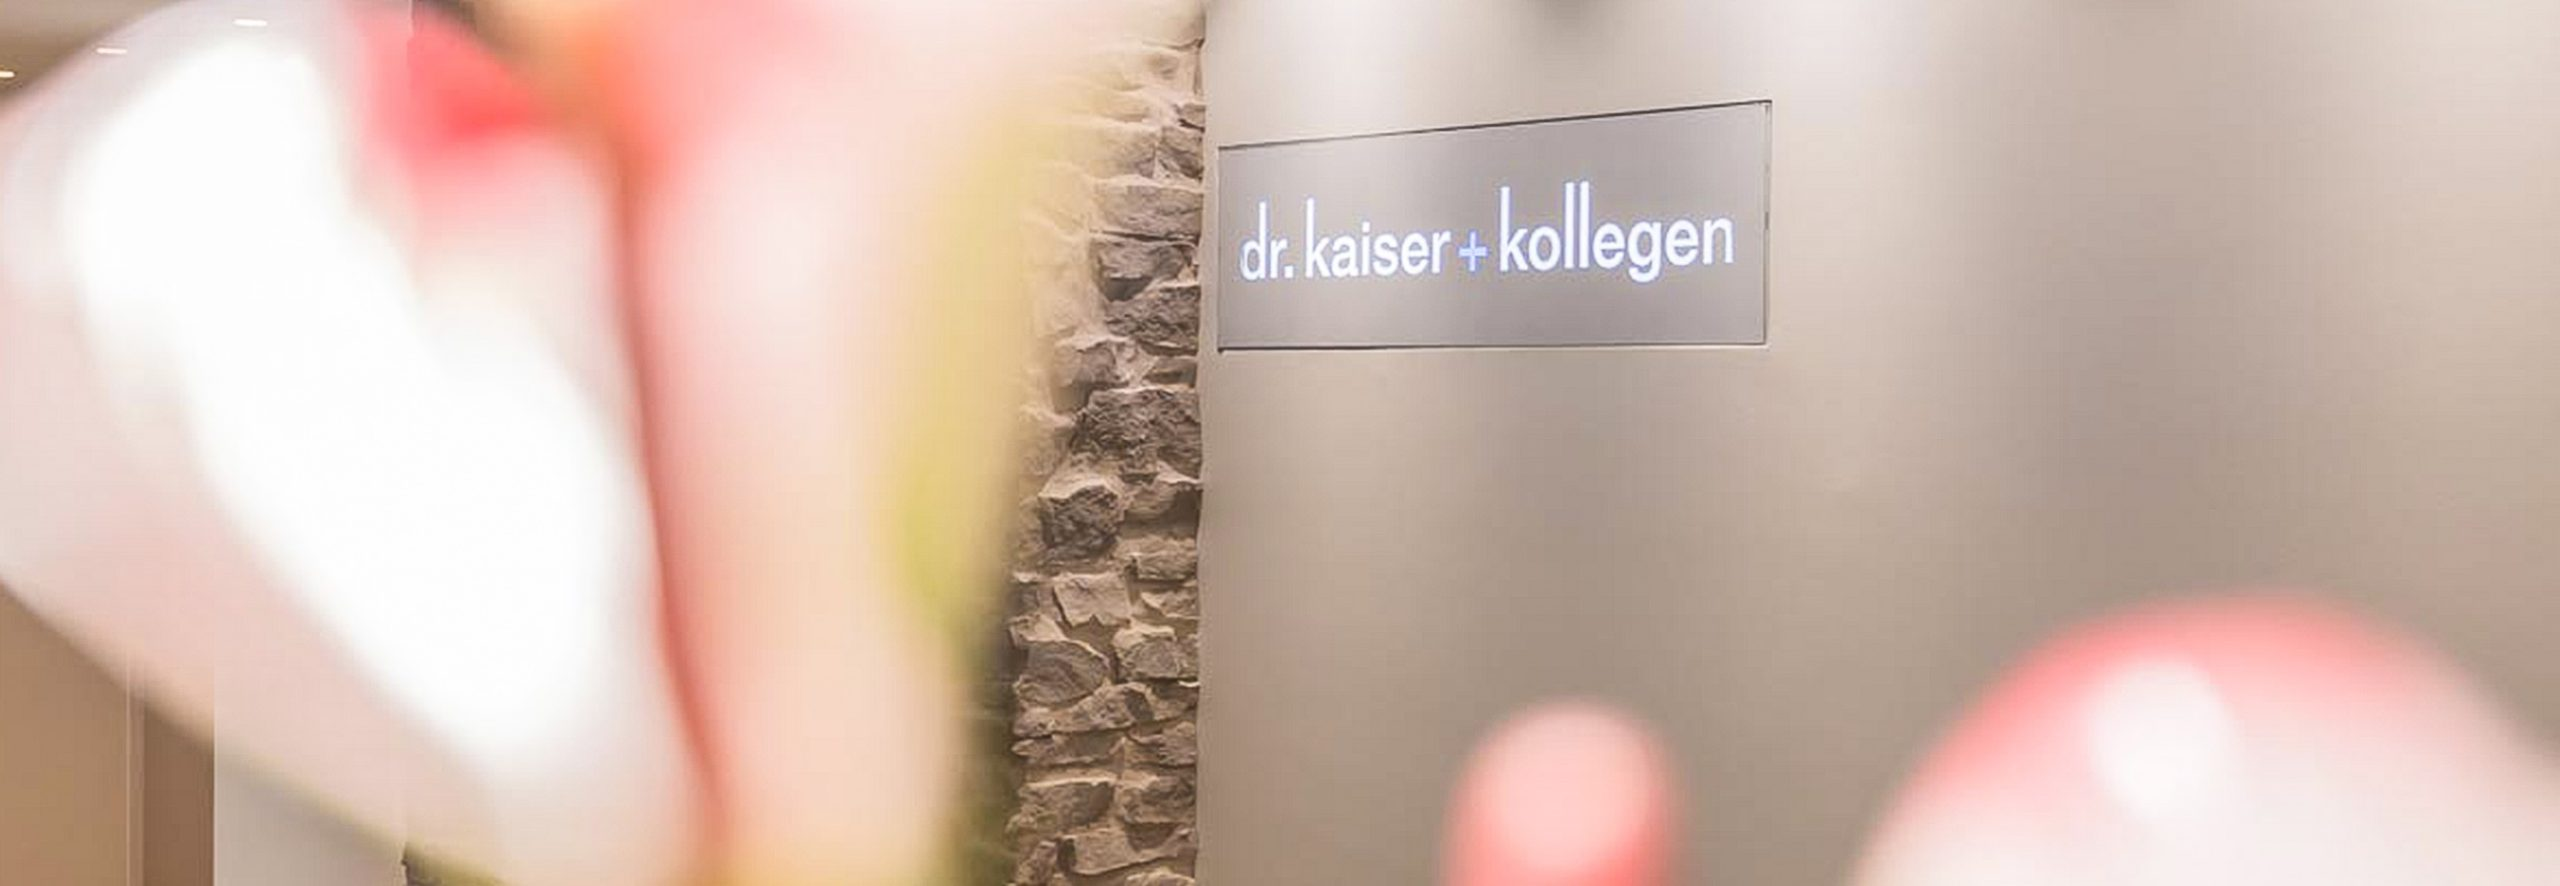 Tür der Zahnarztpraxis Dr. Kaiser & Kollegen in Sauerlach